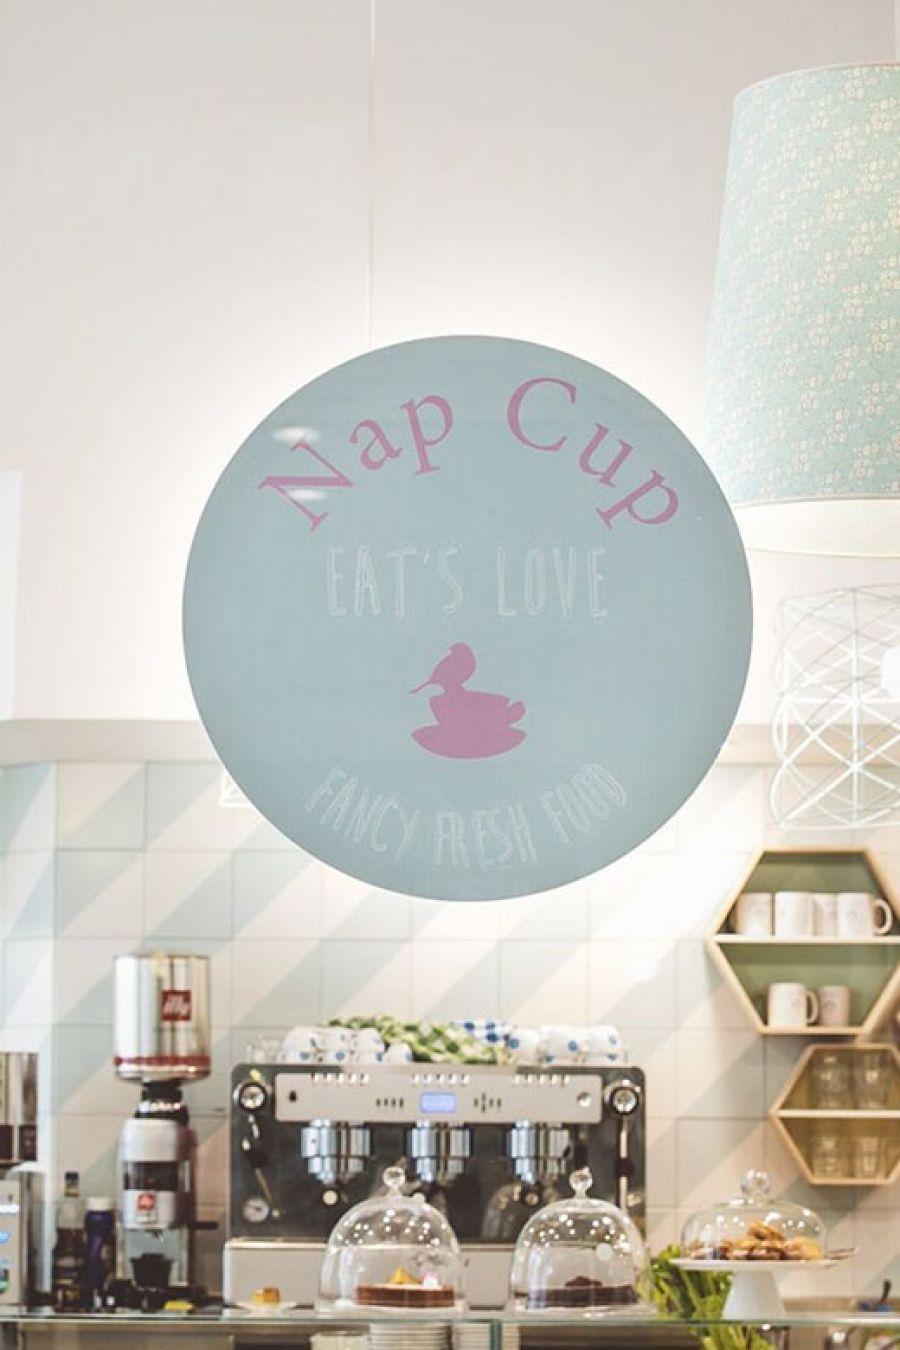 Nap Cup - Favole a merenda con Vanessa Bonacina